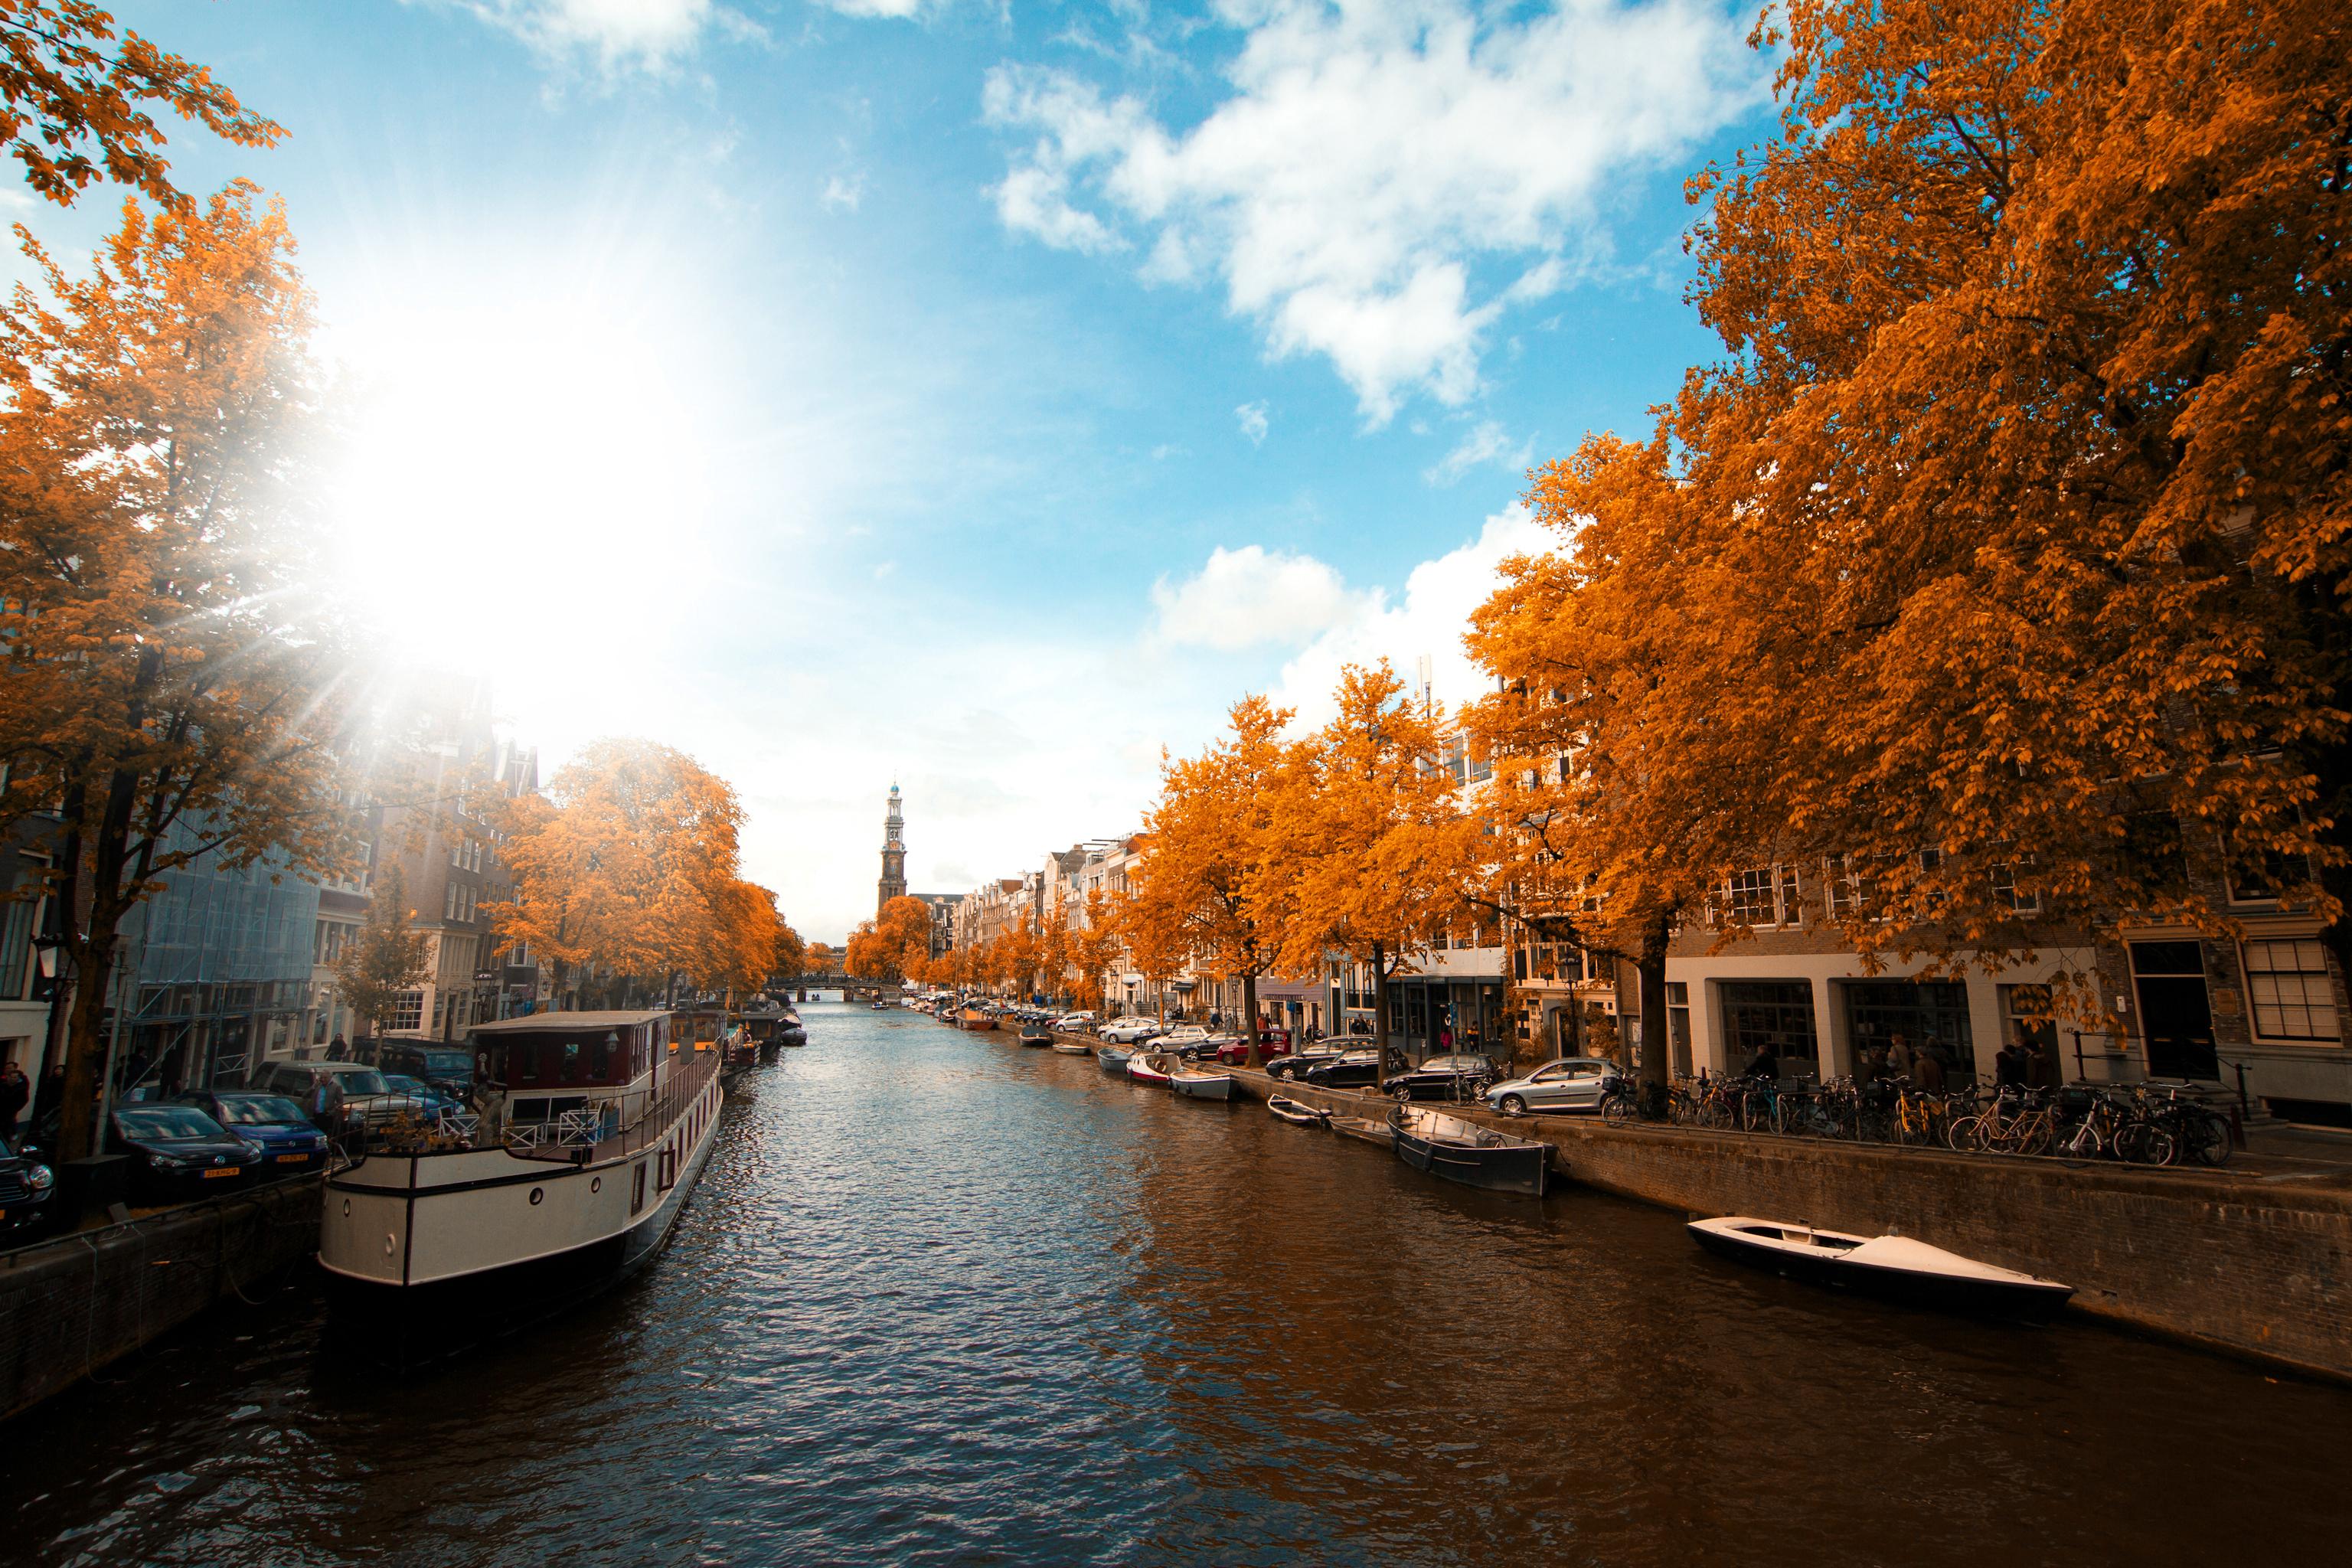 """Амстердам, чист, спокоен, подреден. Пълен с цветя, колела.На всеки би му се приискало да посети този град.<br /> Големият художникРембрандтвори тук, аАнеФранк, малката писателка, е родена.Градът е столица на Кралство Нидерландия (Холандия).Името наАмстердамидва от Амстелердам. В превод означава """"бентнаАмстел"""", реката, преминаваща през града.Възникнал като рибарско селце в края на XII век, в резултат на развитието на търговията. Амстердам се превръща в един от най-големитепристанищни градове в света.През XIXи XXв.Амстердам се разраства и се образуват множество нови квартали и предградия.Кварталът на Червените фенери съществува на днешното си място от самото му основаване през XIV в., когато вместо кафенета, тук са се разполагали дестилационни фабрики, обслужвани предимно от моряци и търговци от различни националности.Нуждаещите се от освежаване и компания и забогатели след дългите пътувания моряци, все по-силно привличат вниманието на жените с лоша репутация.Така за кратко време луксозните публични домове, ръководени от амбициозни бизнес дамисе превръщат в едни от най-популярните места.Оставяйки малка пролука между червените завеси на стаите, гледащи към улиците, дамите подканят мъжете с леко, но предизвикателно потропване по прозорците."""